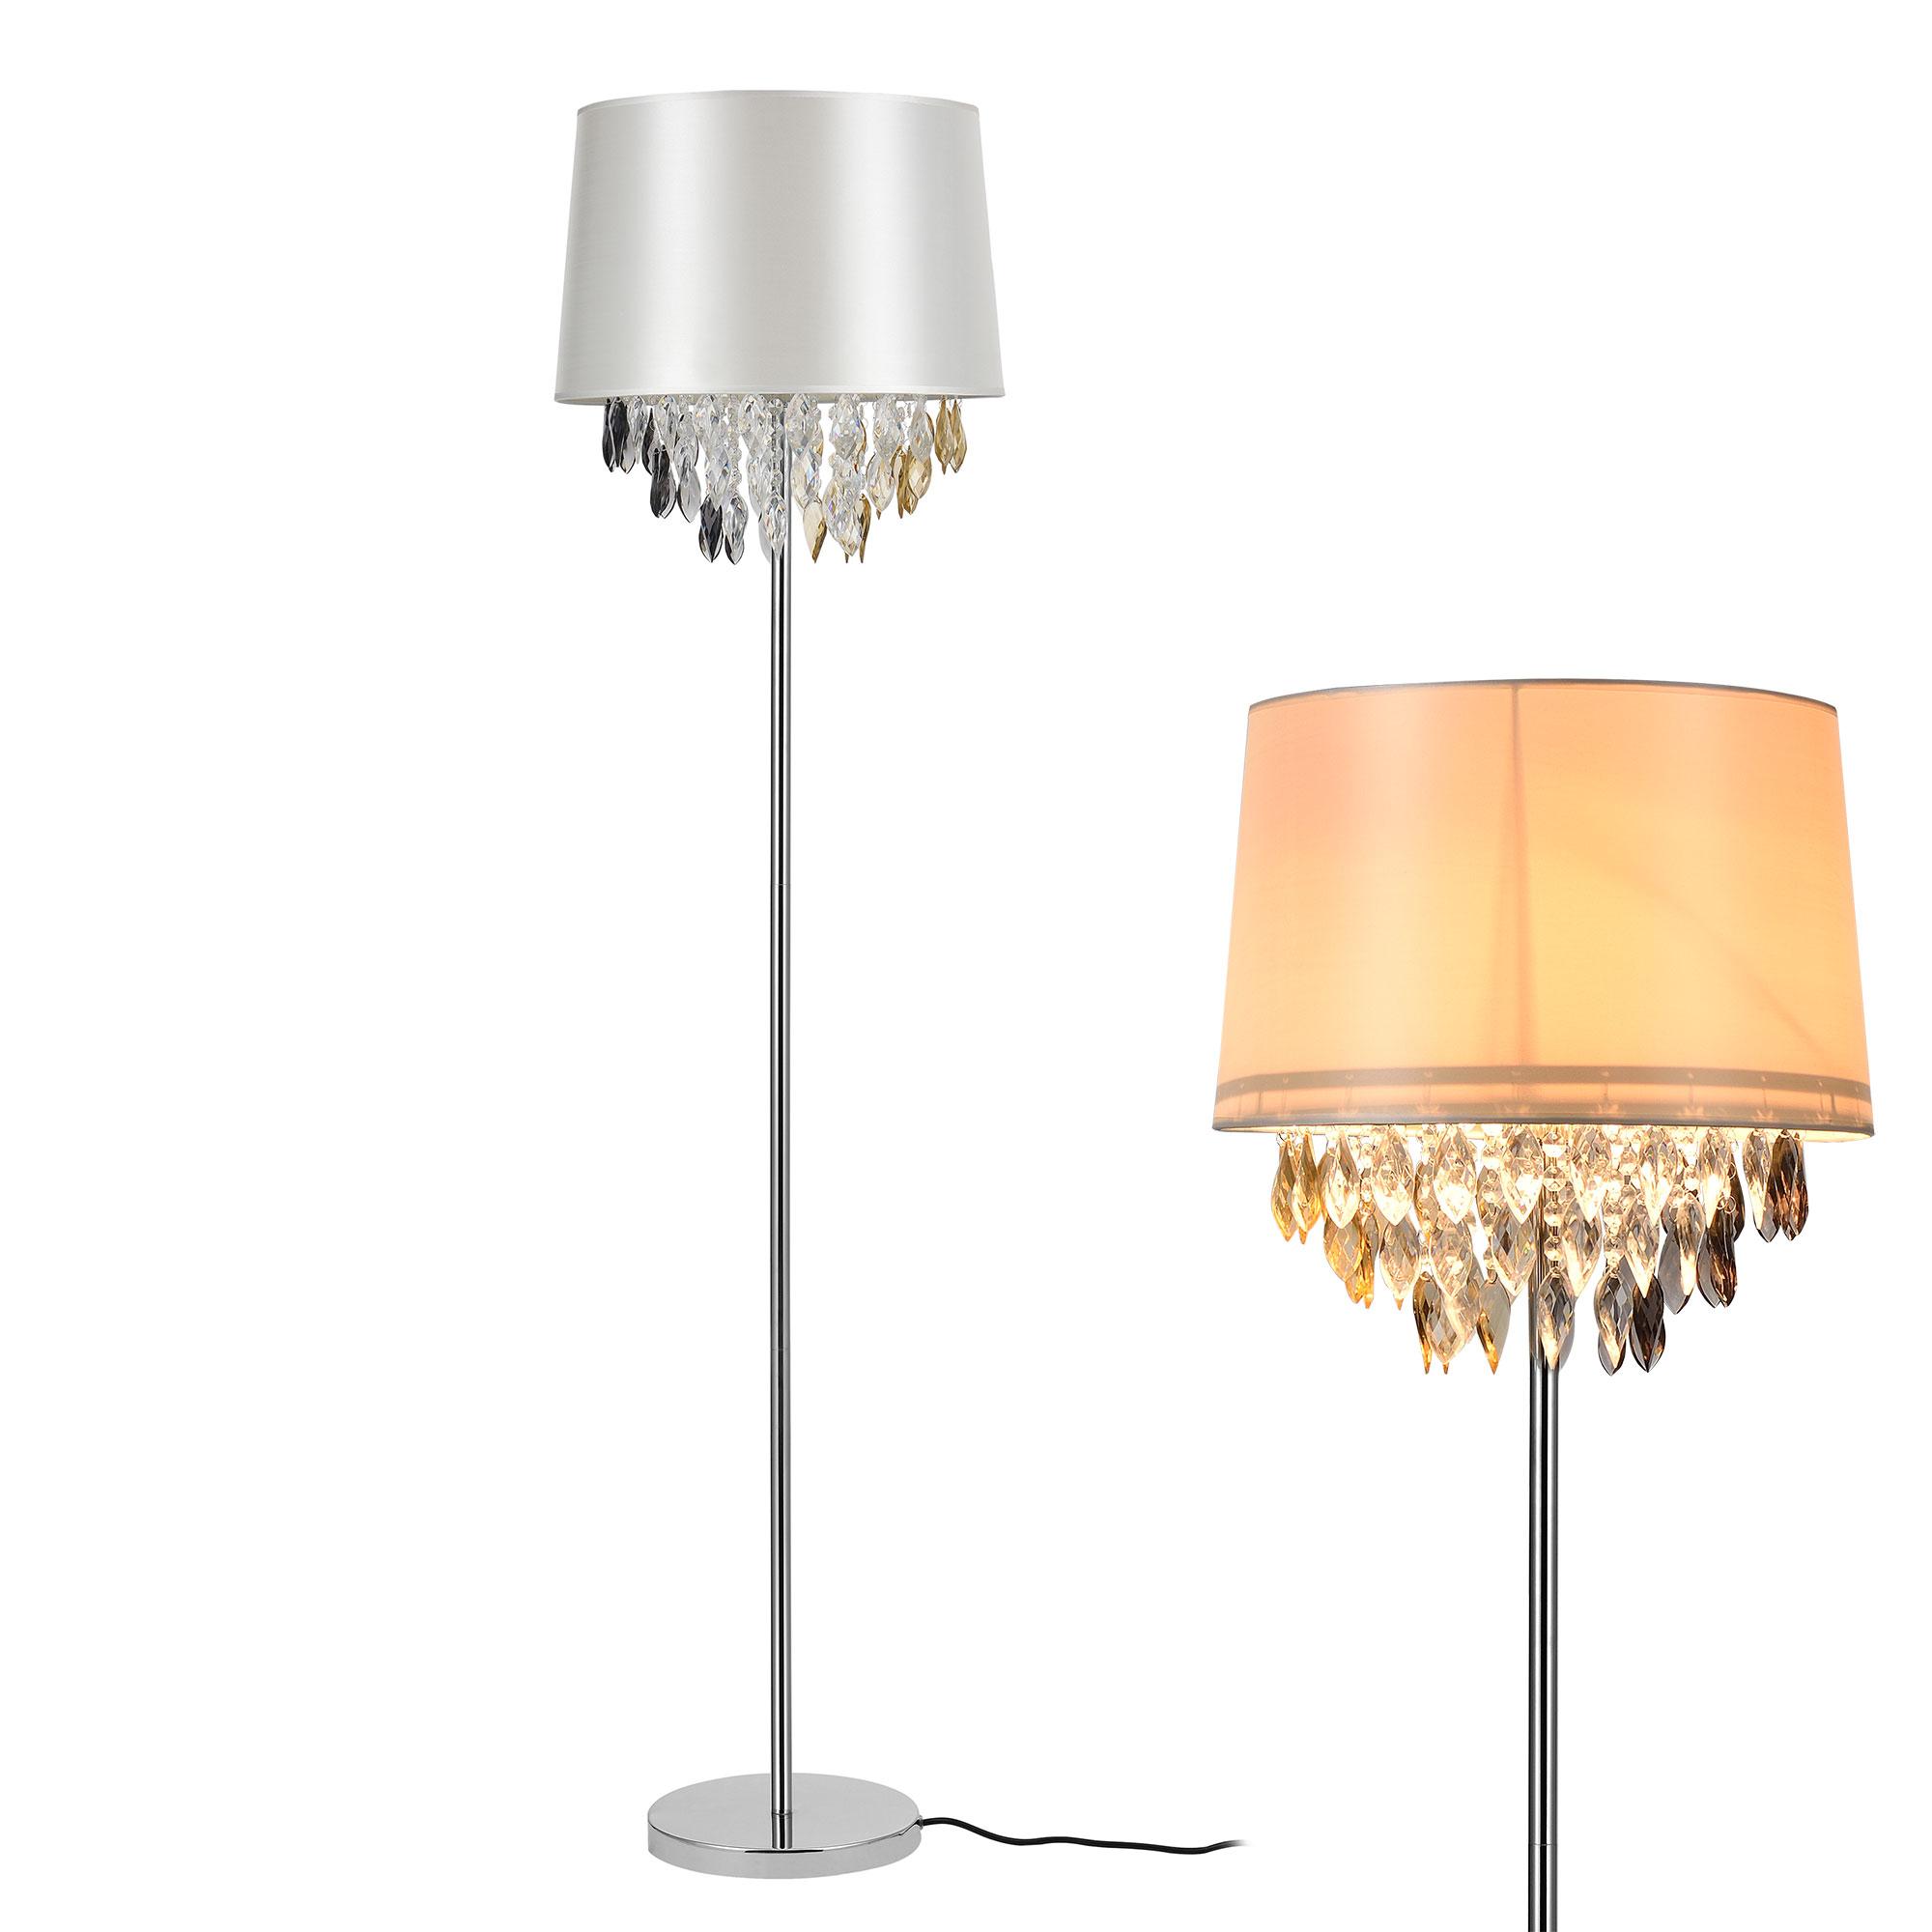 Luxpro Floor Lamp Standard Lamp Lamp Living Room Lamp